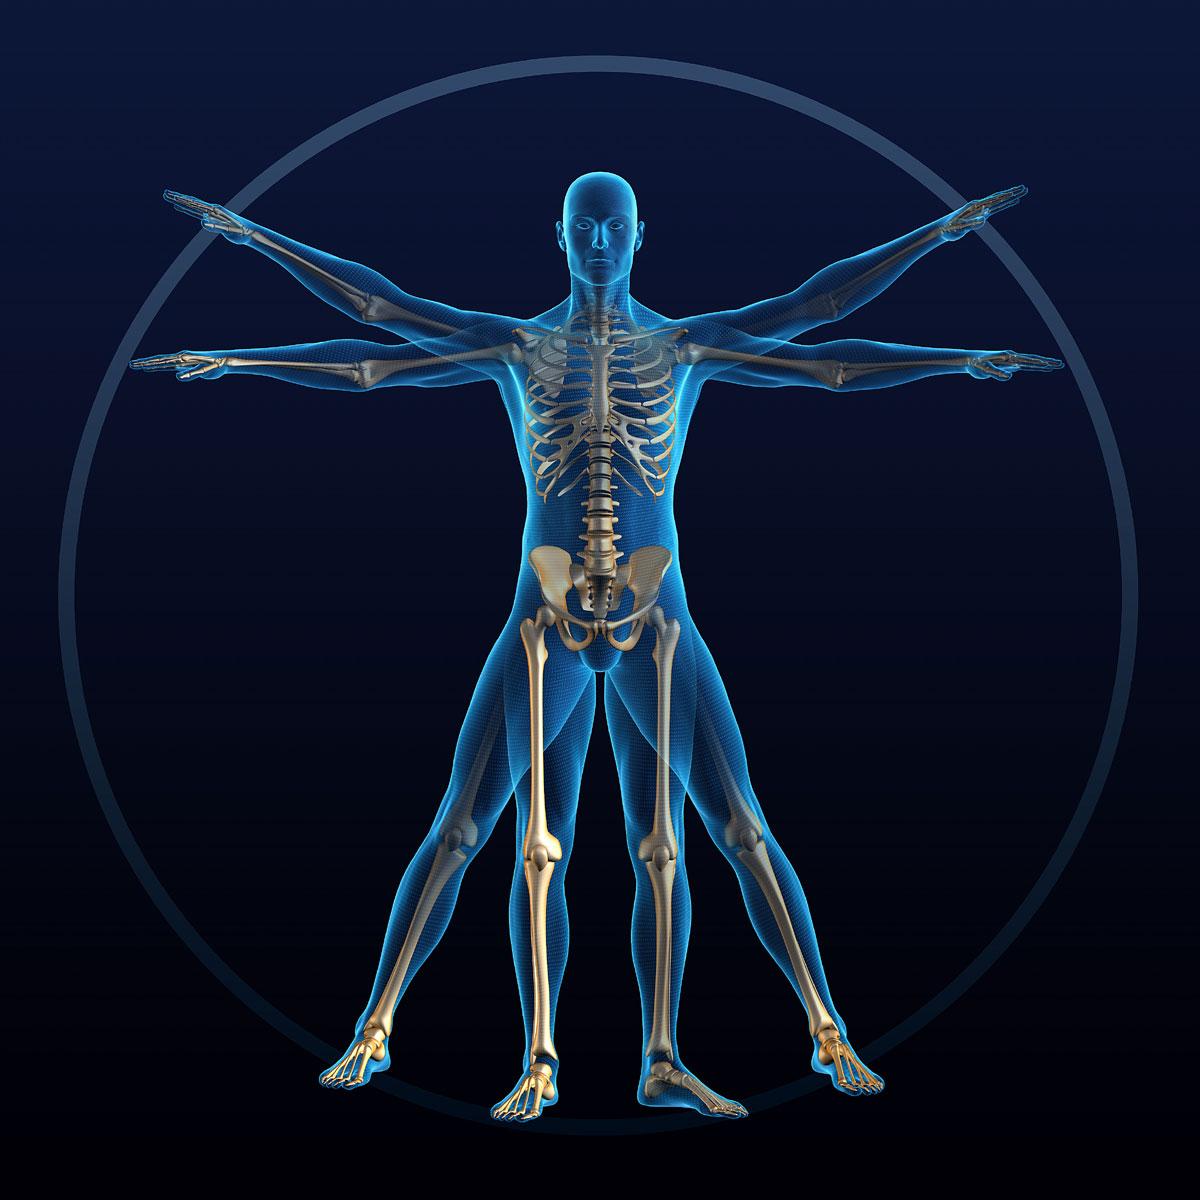 Медицина: железный человек медицина,органы,человек